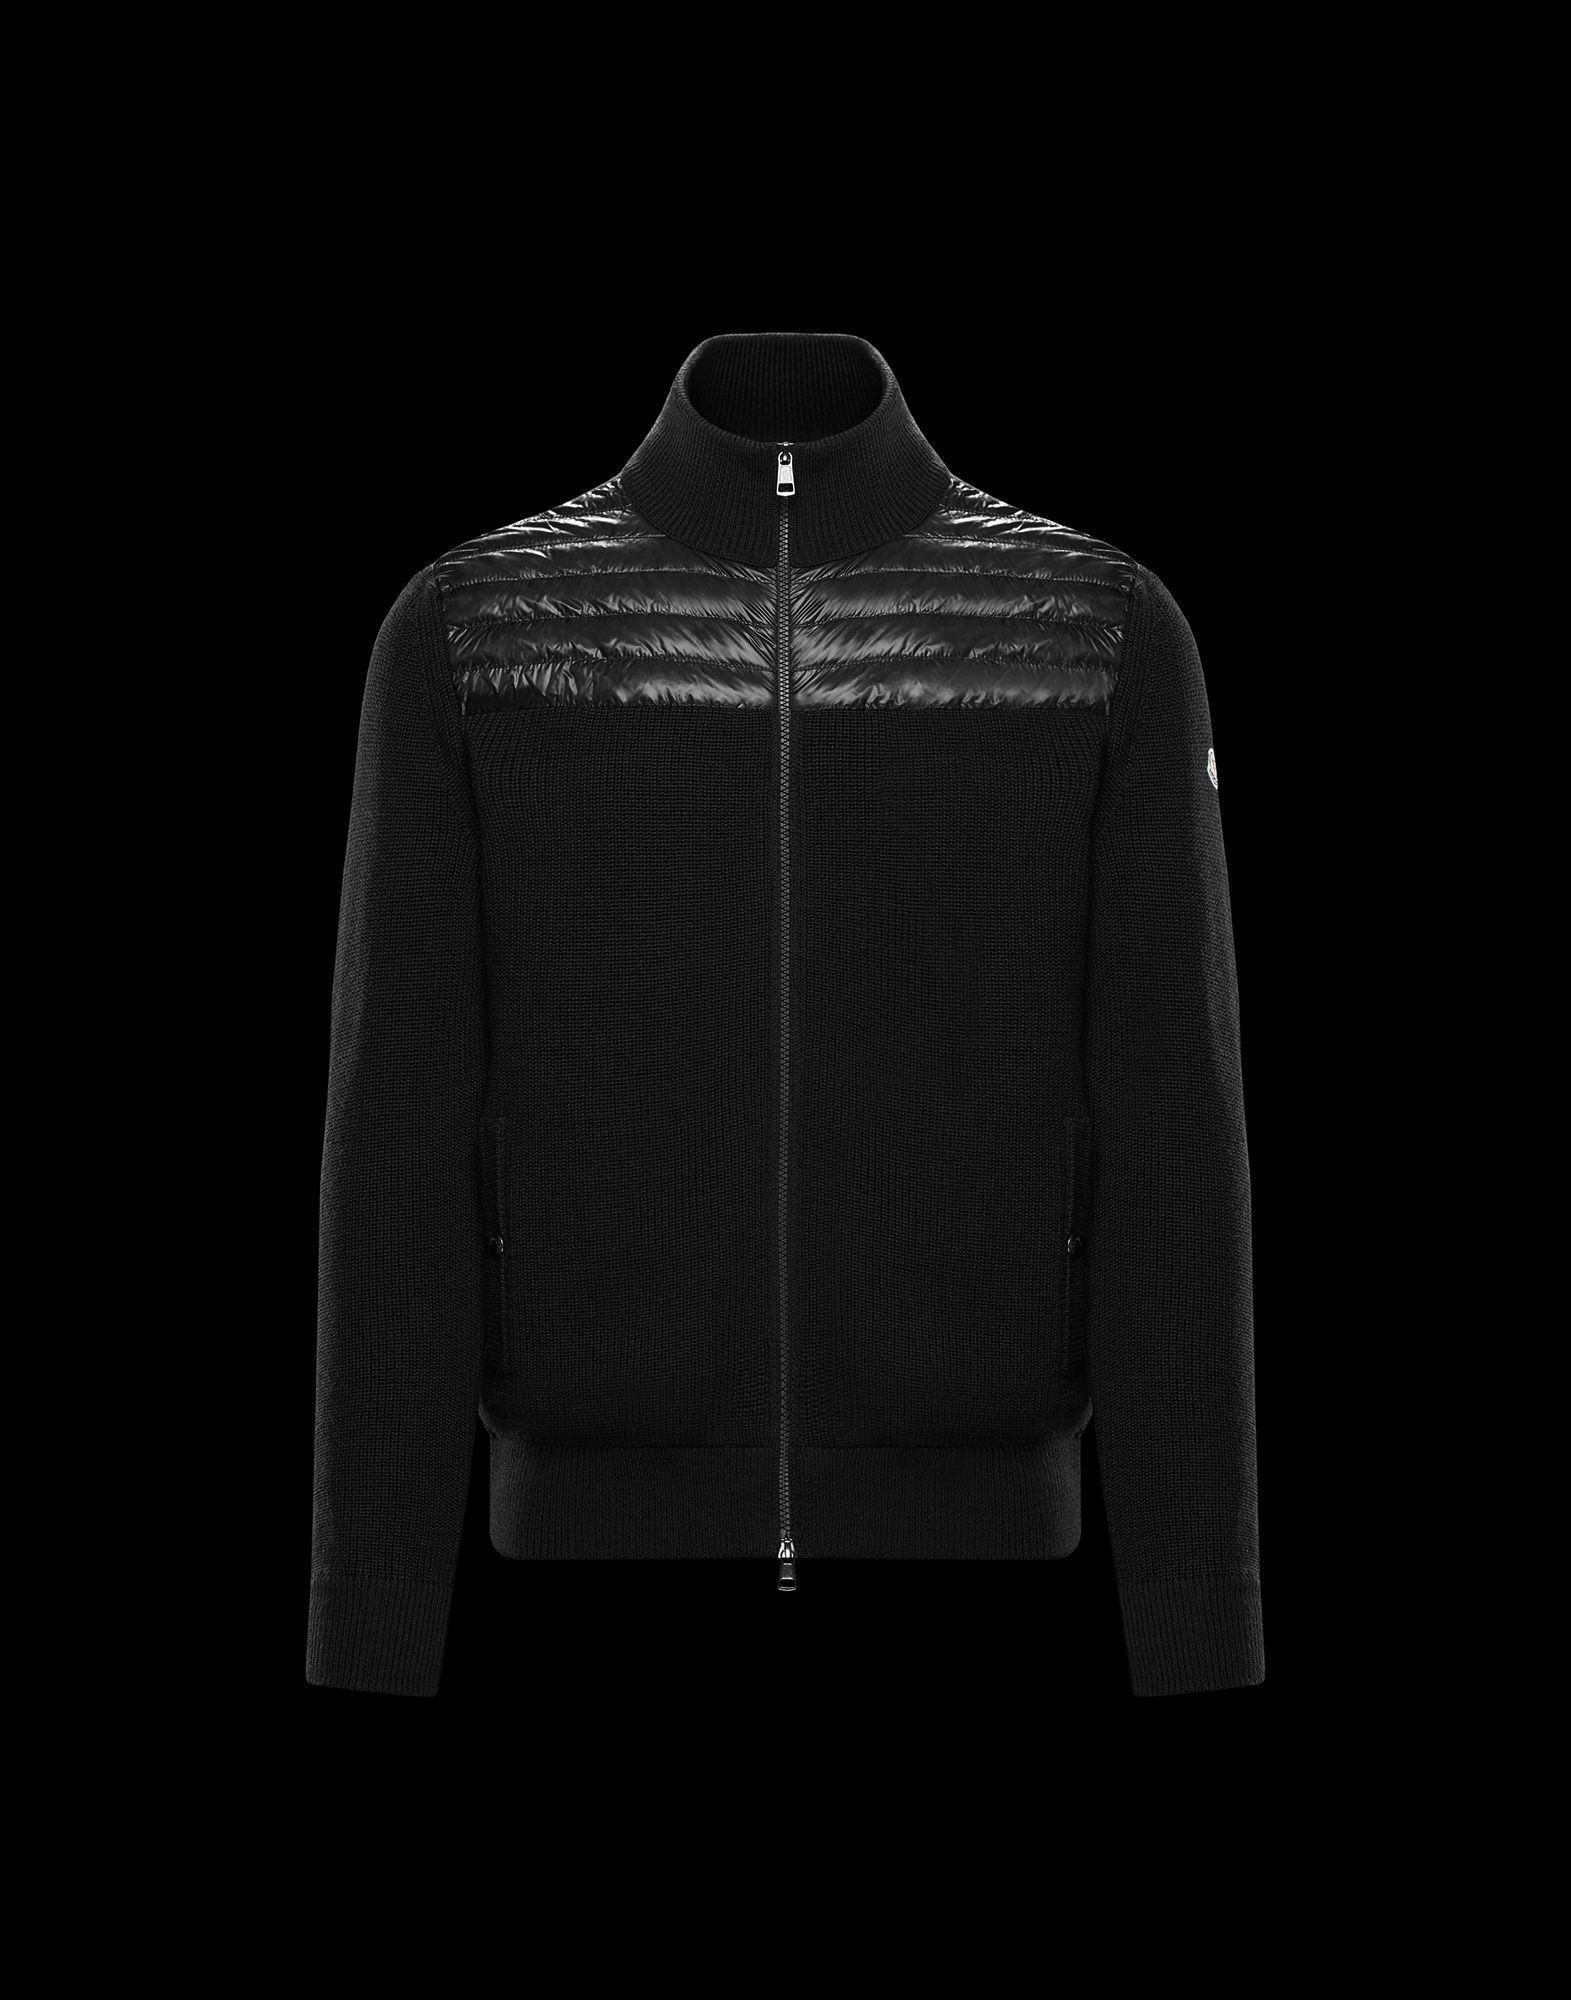 b379ea75fcb7 Lyst - Moncler Cardigan in Black for Men